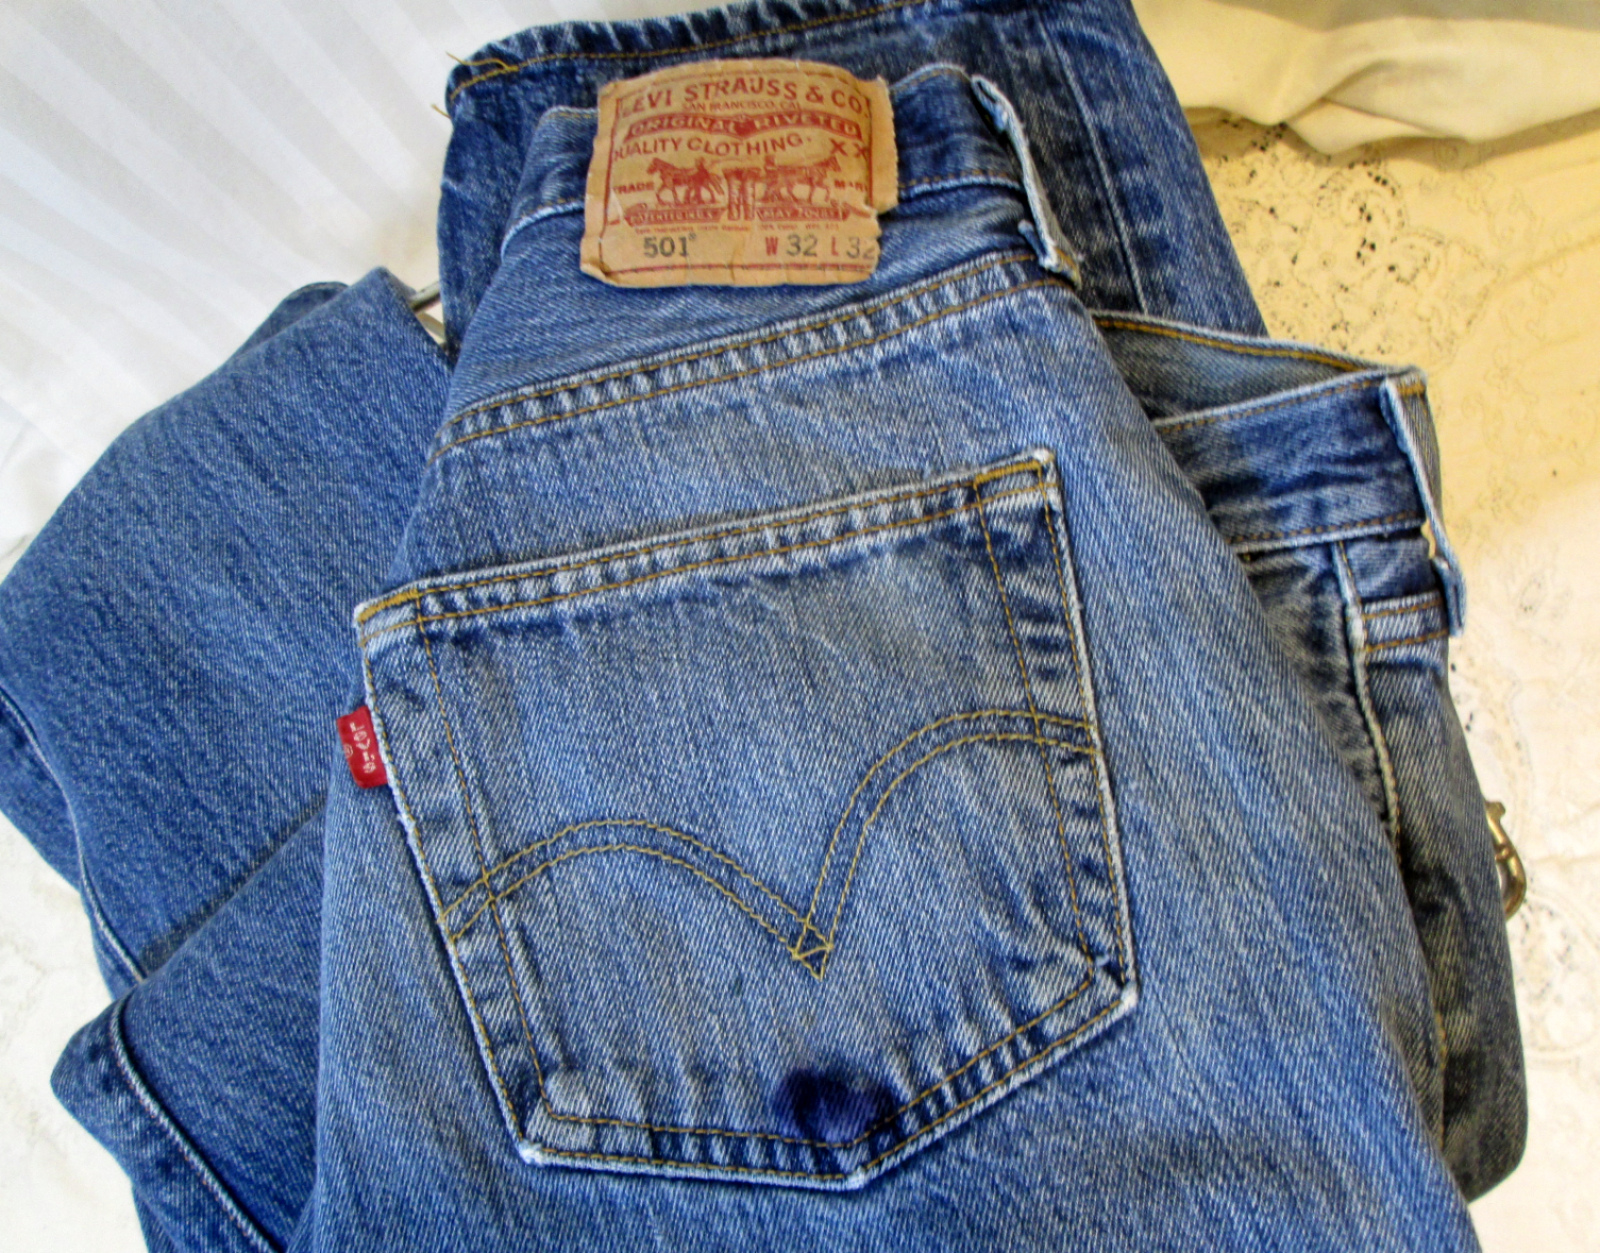 0b93076a Vintage 501 Levis Grainy blue denim pre shrunk button front Levis ...